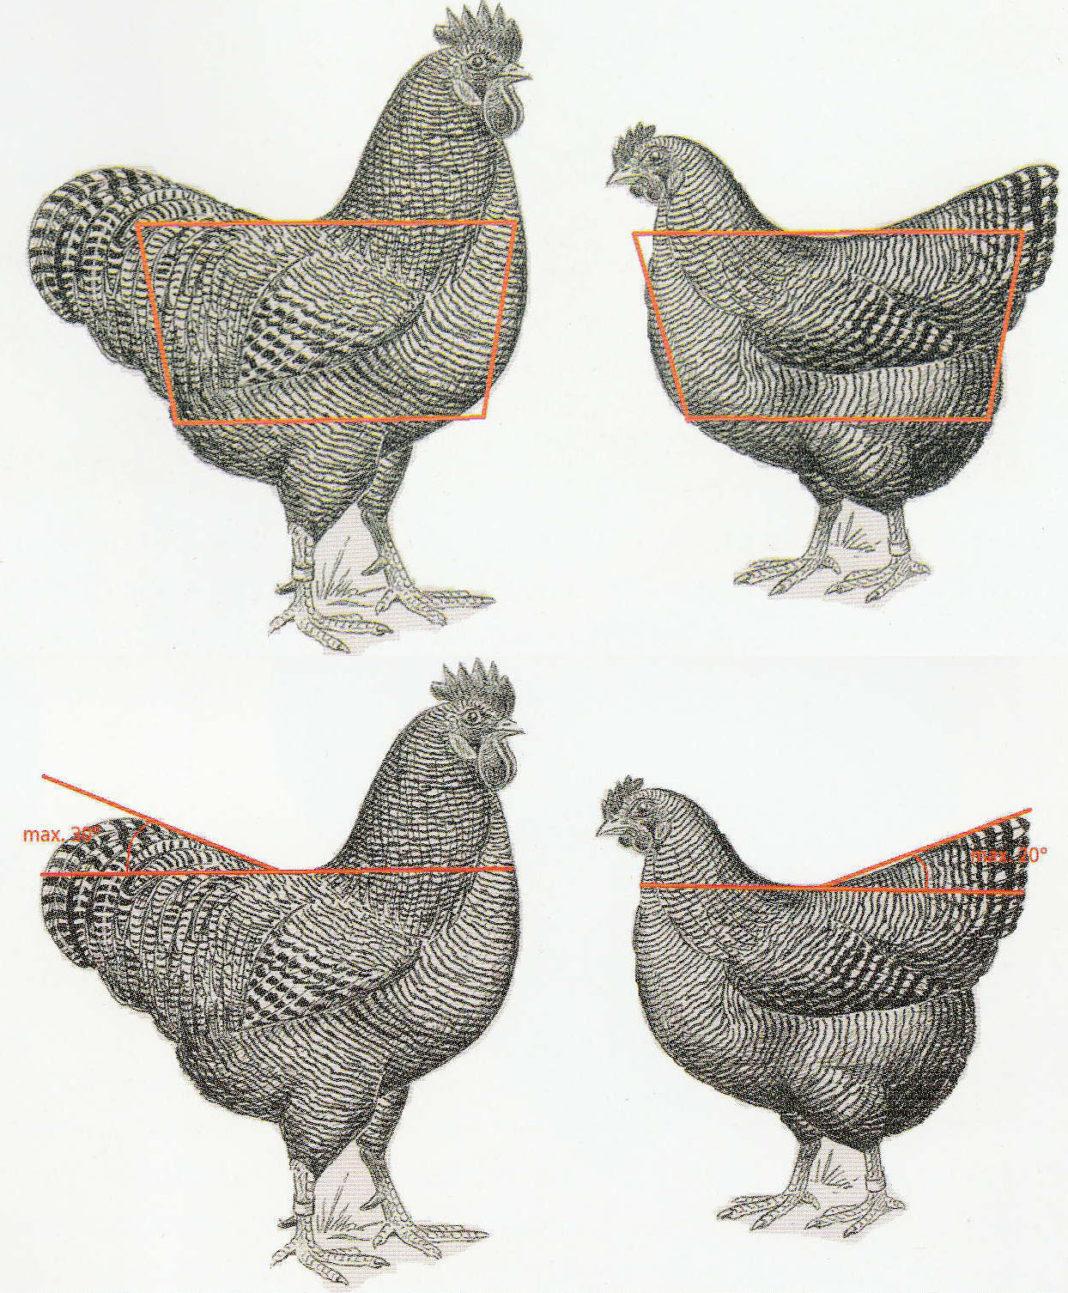 Disegno per riconoscimento gallina ovaiola di razza Plymouth Rock